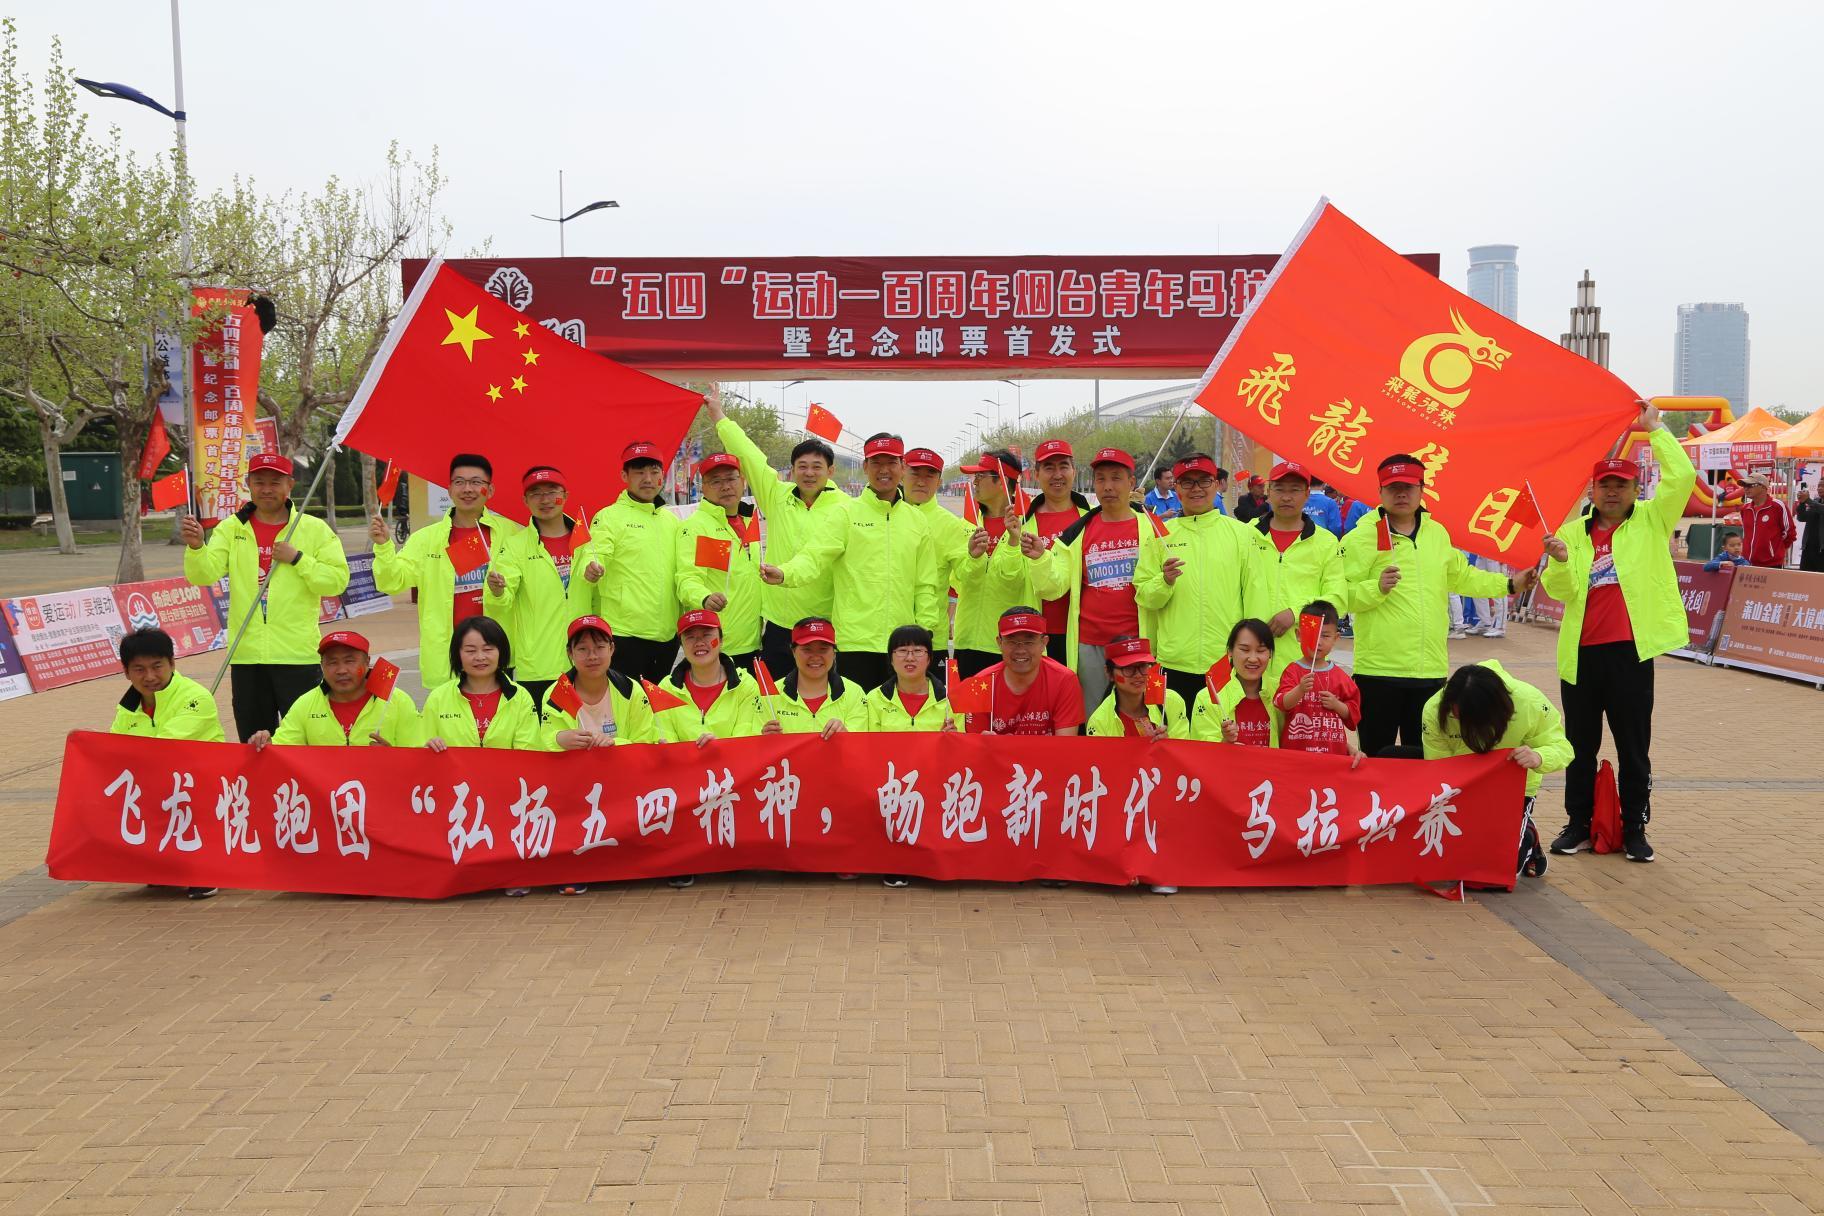 2019年5月10bet悦跑团参加五四青年跑